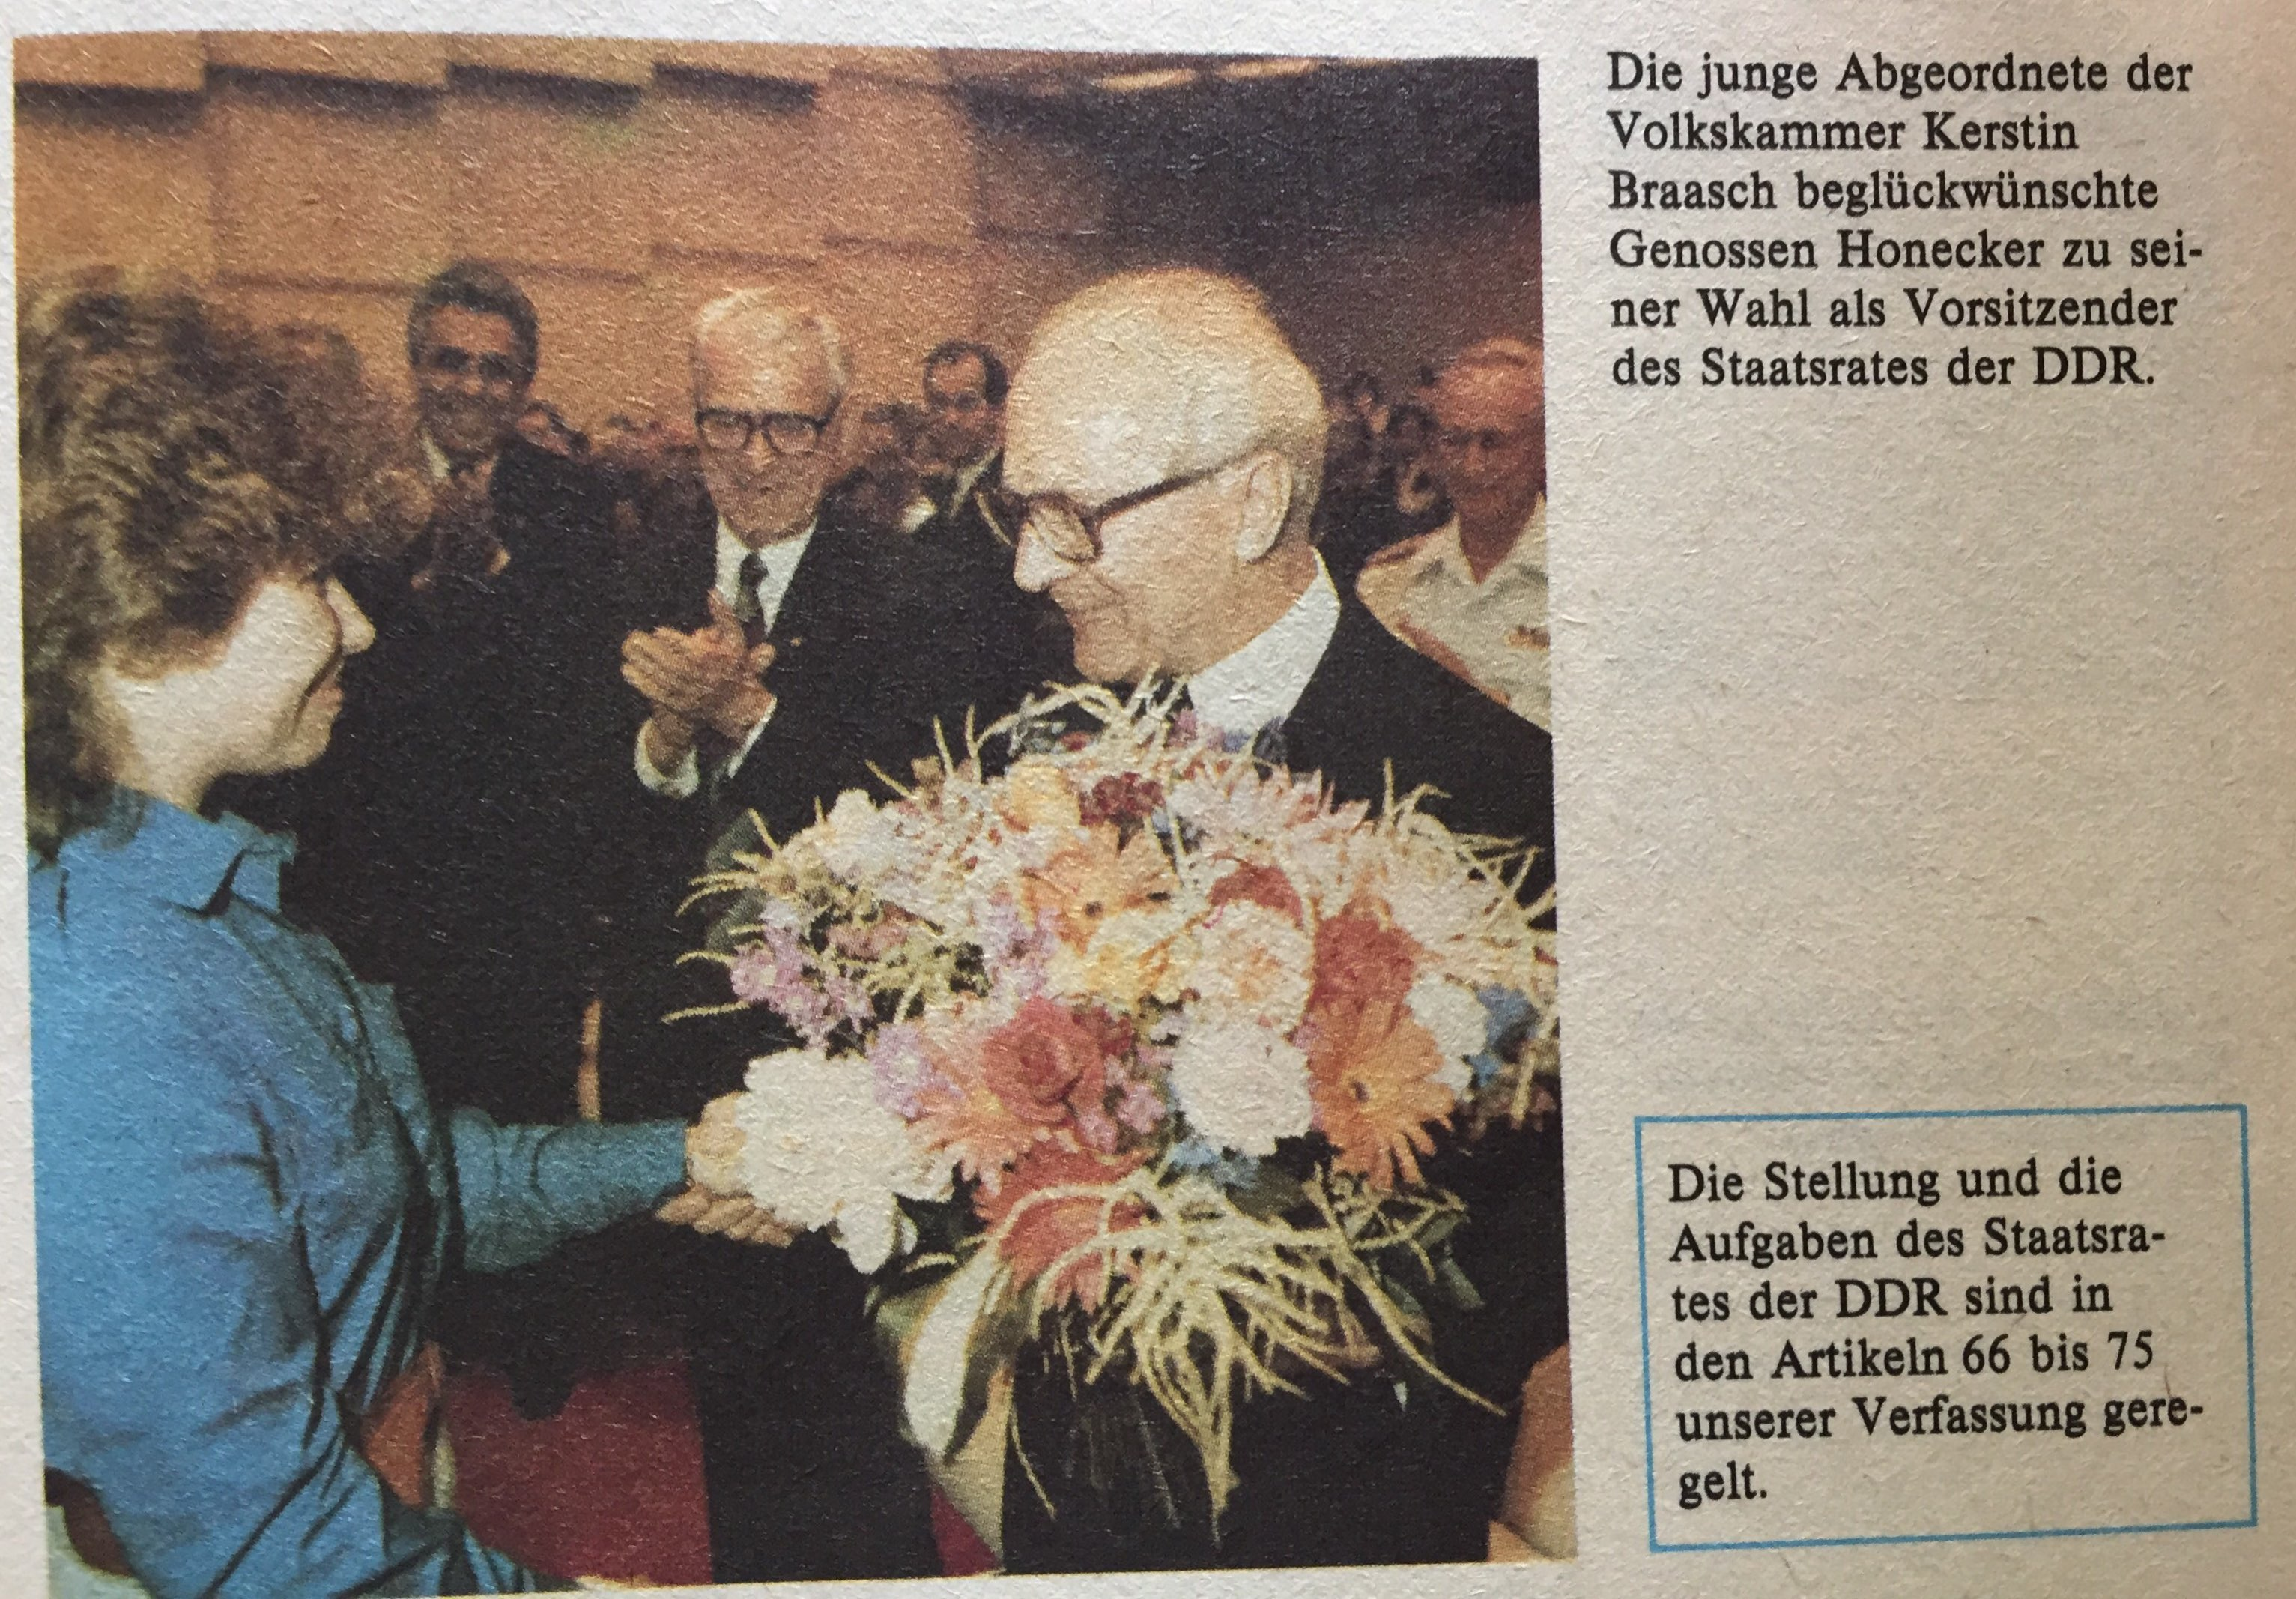 Glückwünsche an Honecker